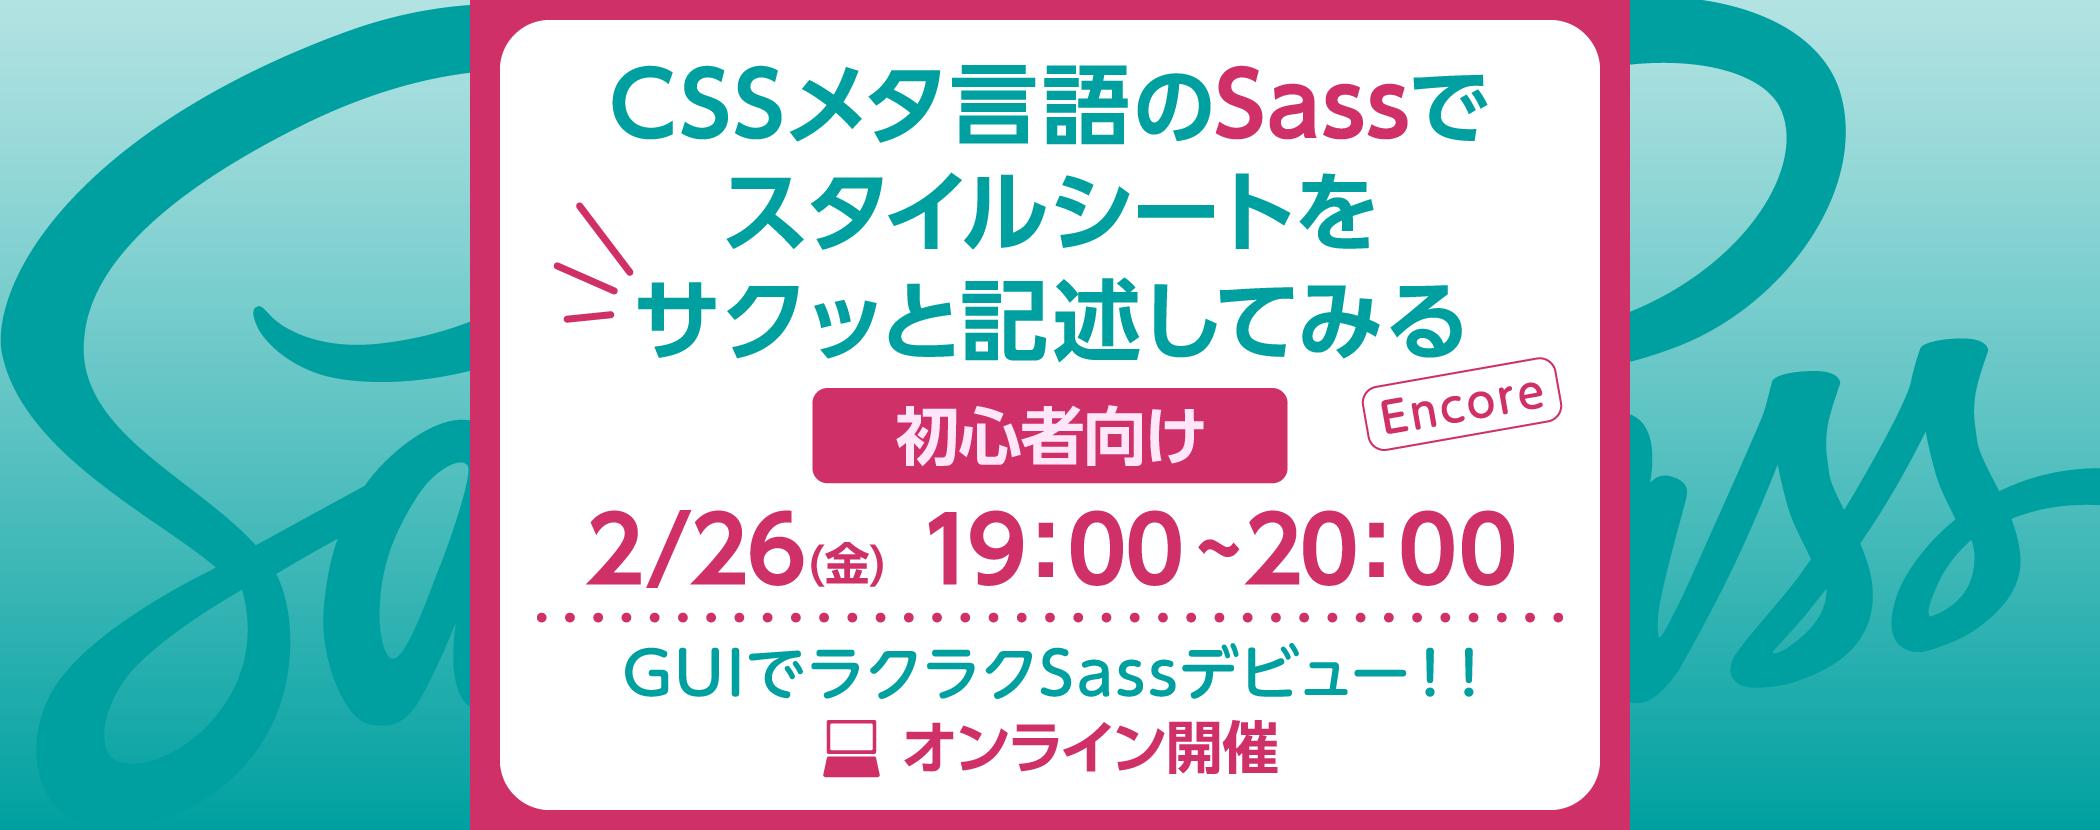 CSSメタ言語のSassでスタイルシートをサクッと記述してみる